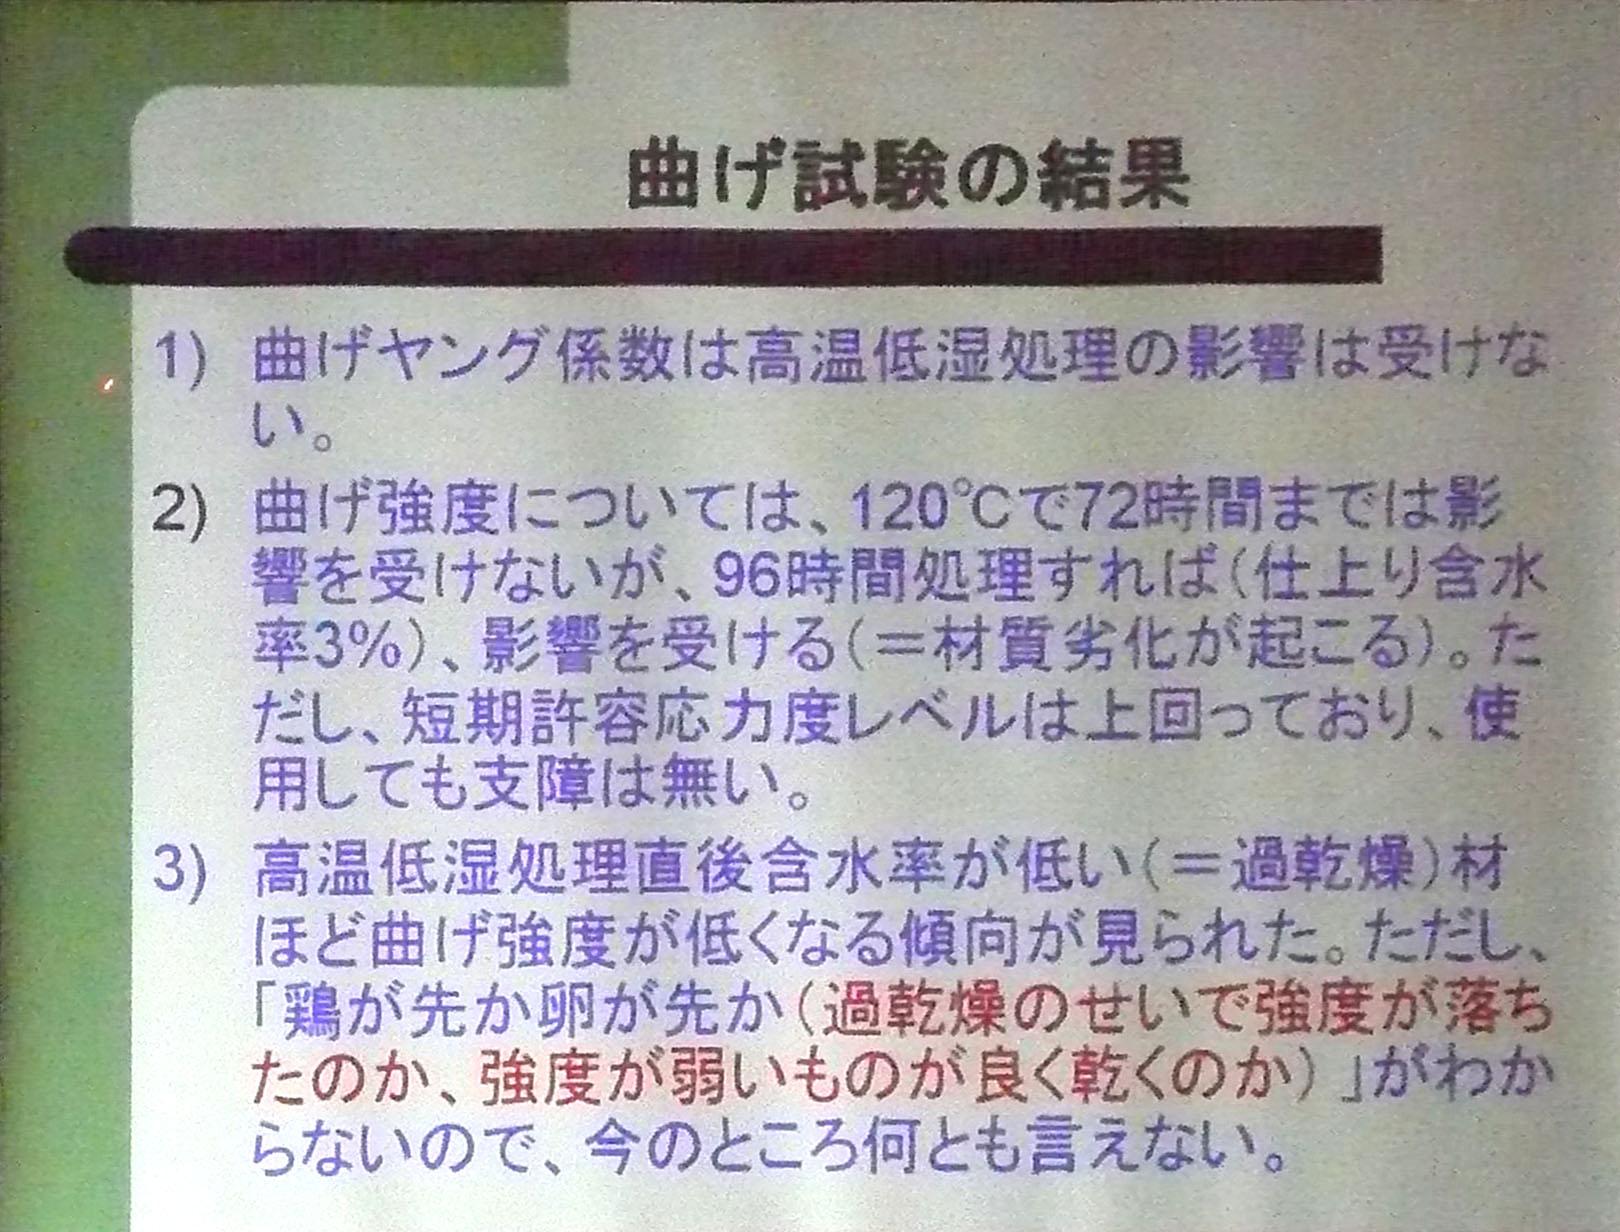 高温低湿乾燥と強度 1 岡崎泰男先生_e0054299_1283817.jpg